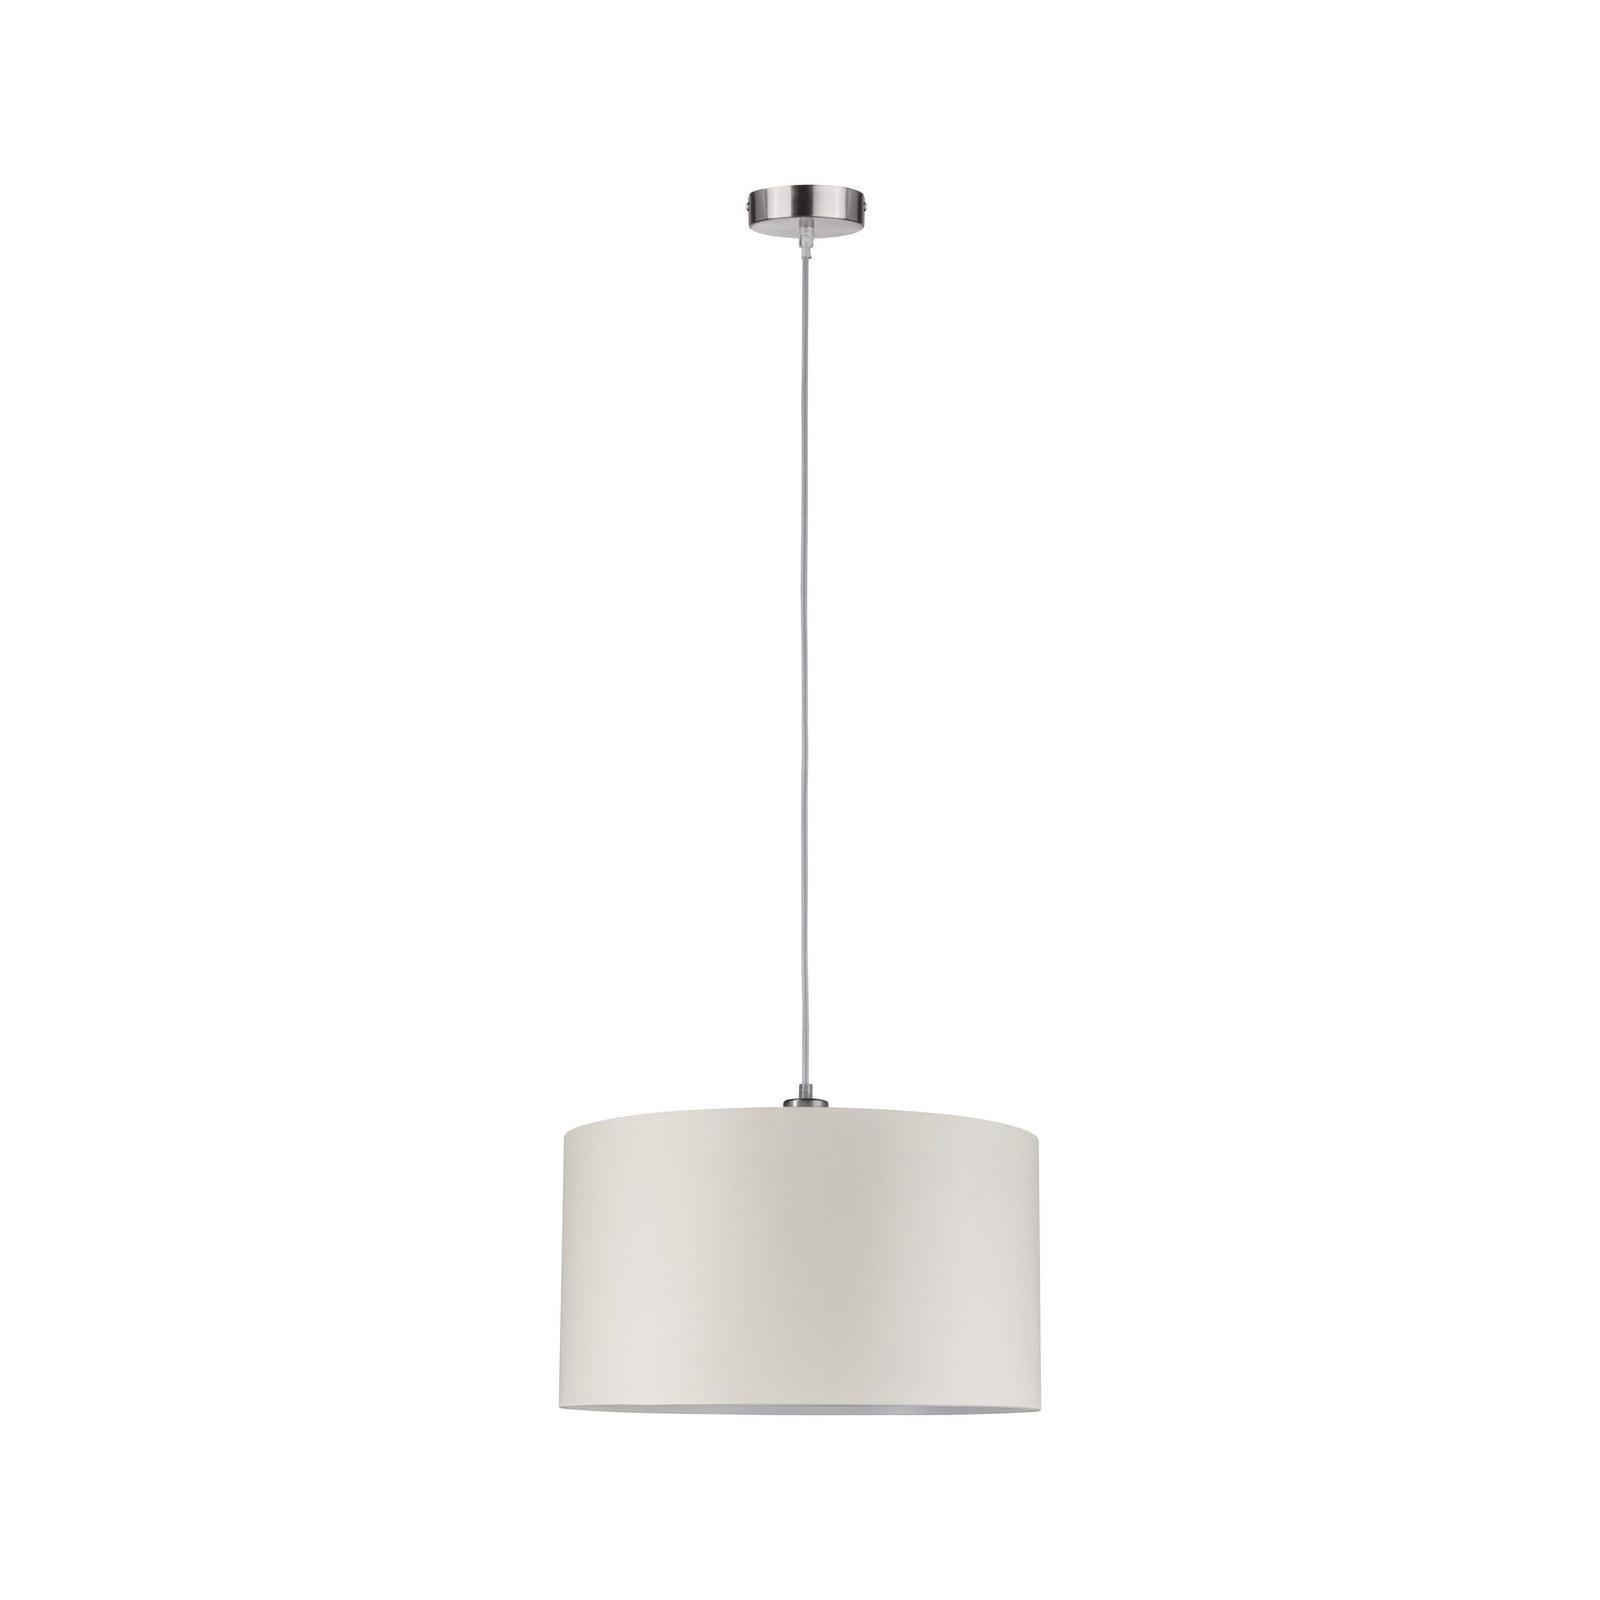 Подвесной светильник Paulmann Tessa, E27